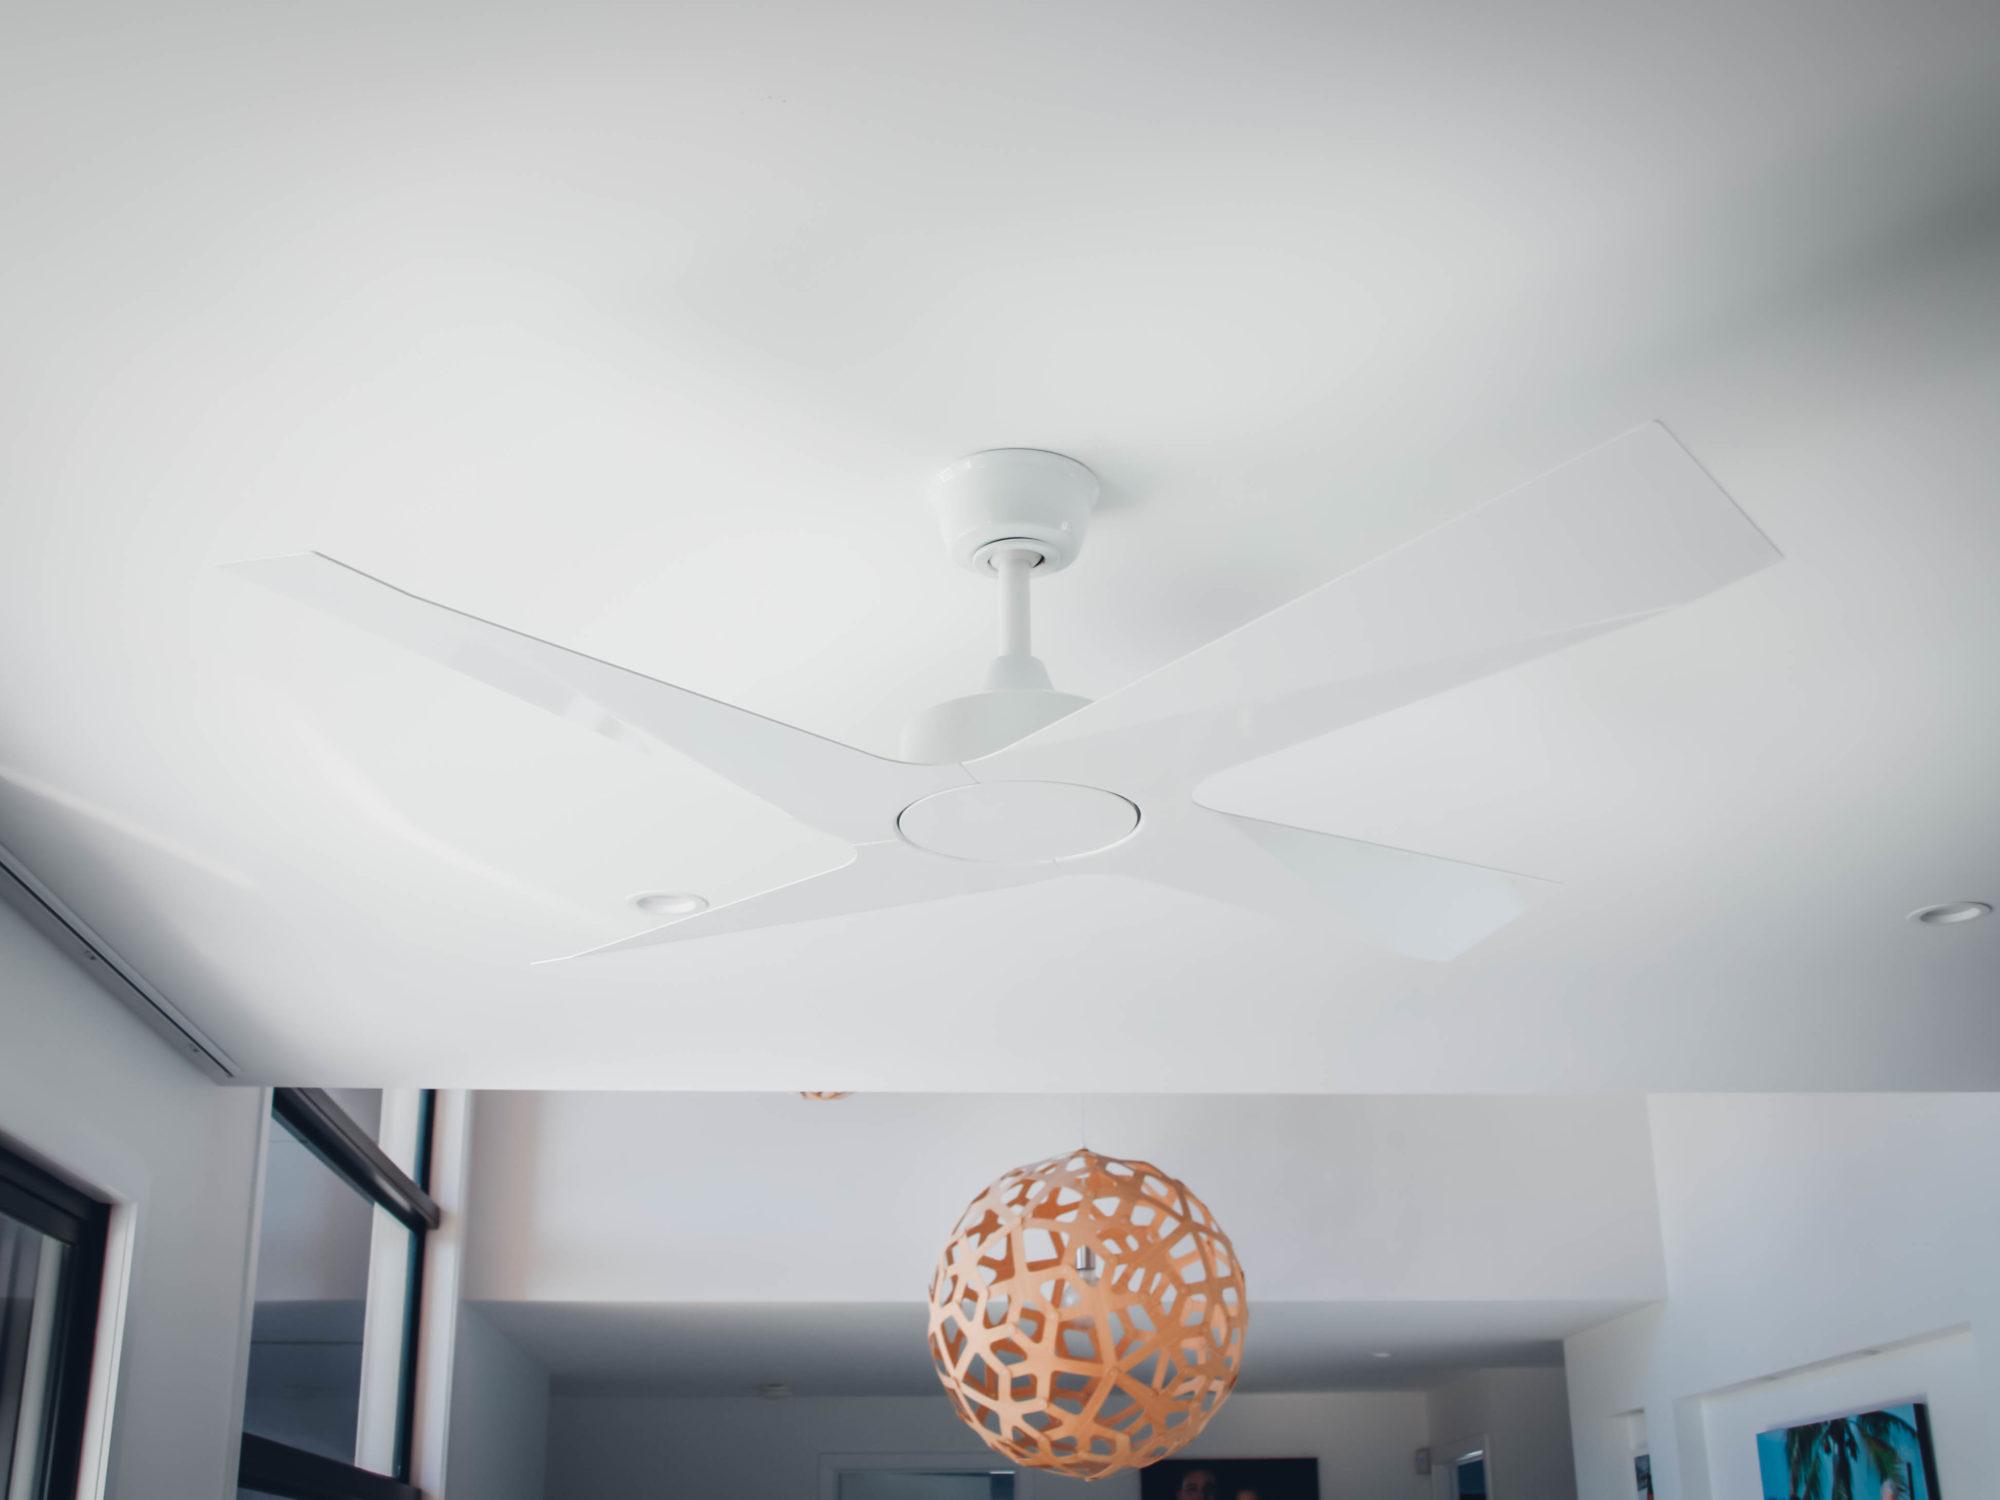 Modn 4 Ceiling Fan 41